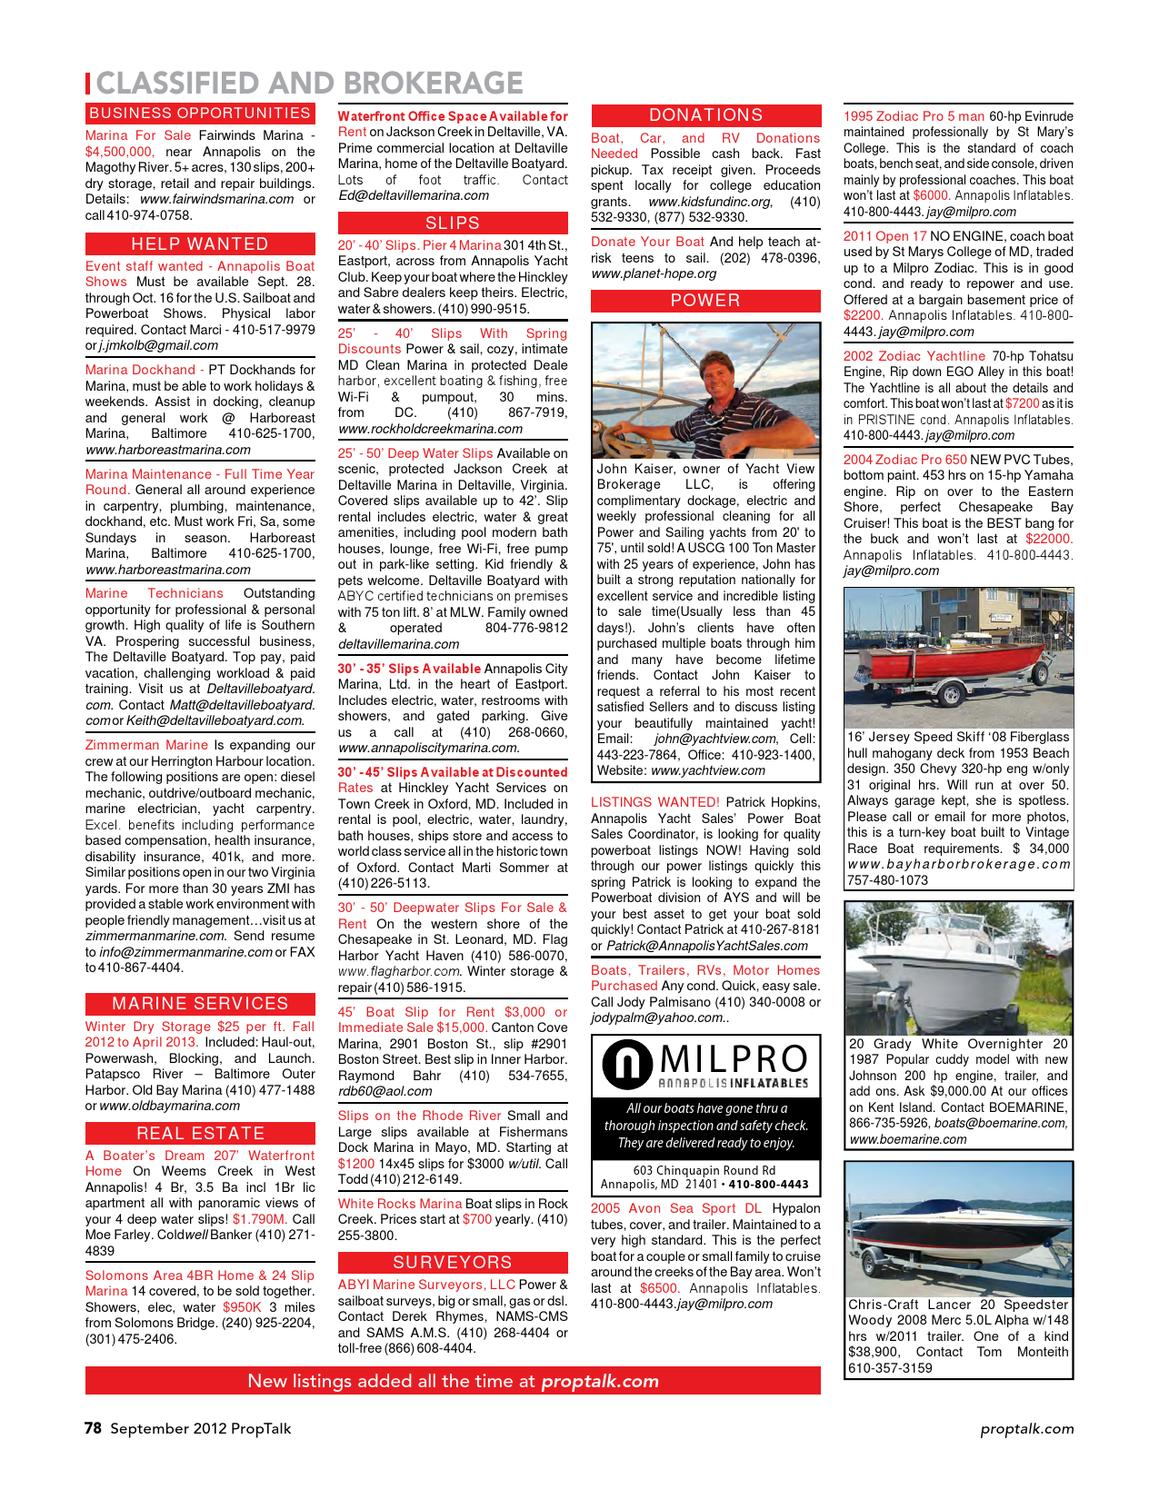 PropTalk Magazine September 2012 by PropTalk Media llc - issuu